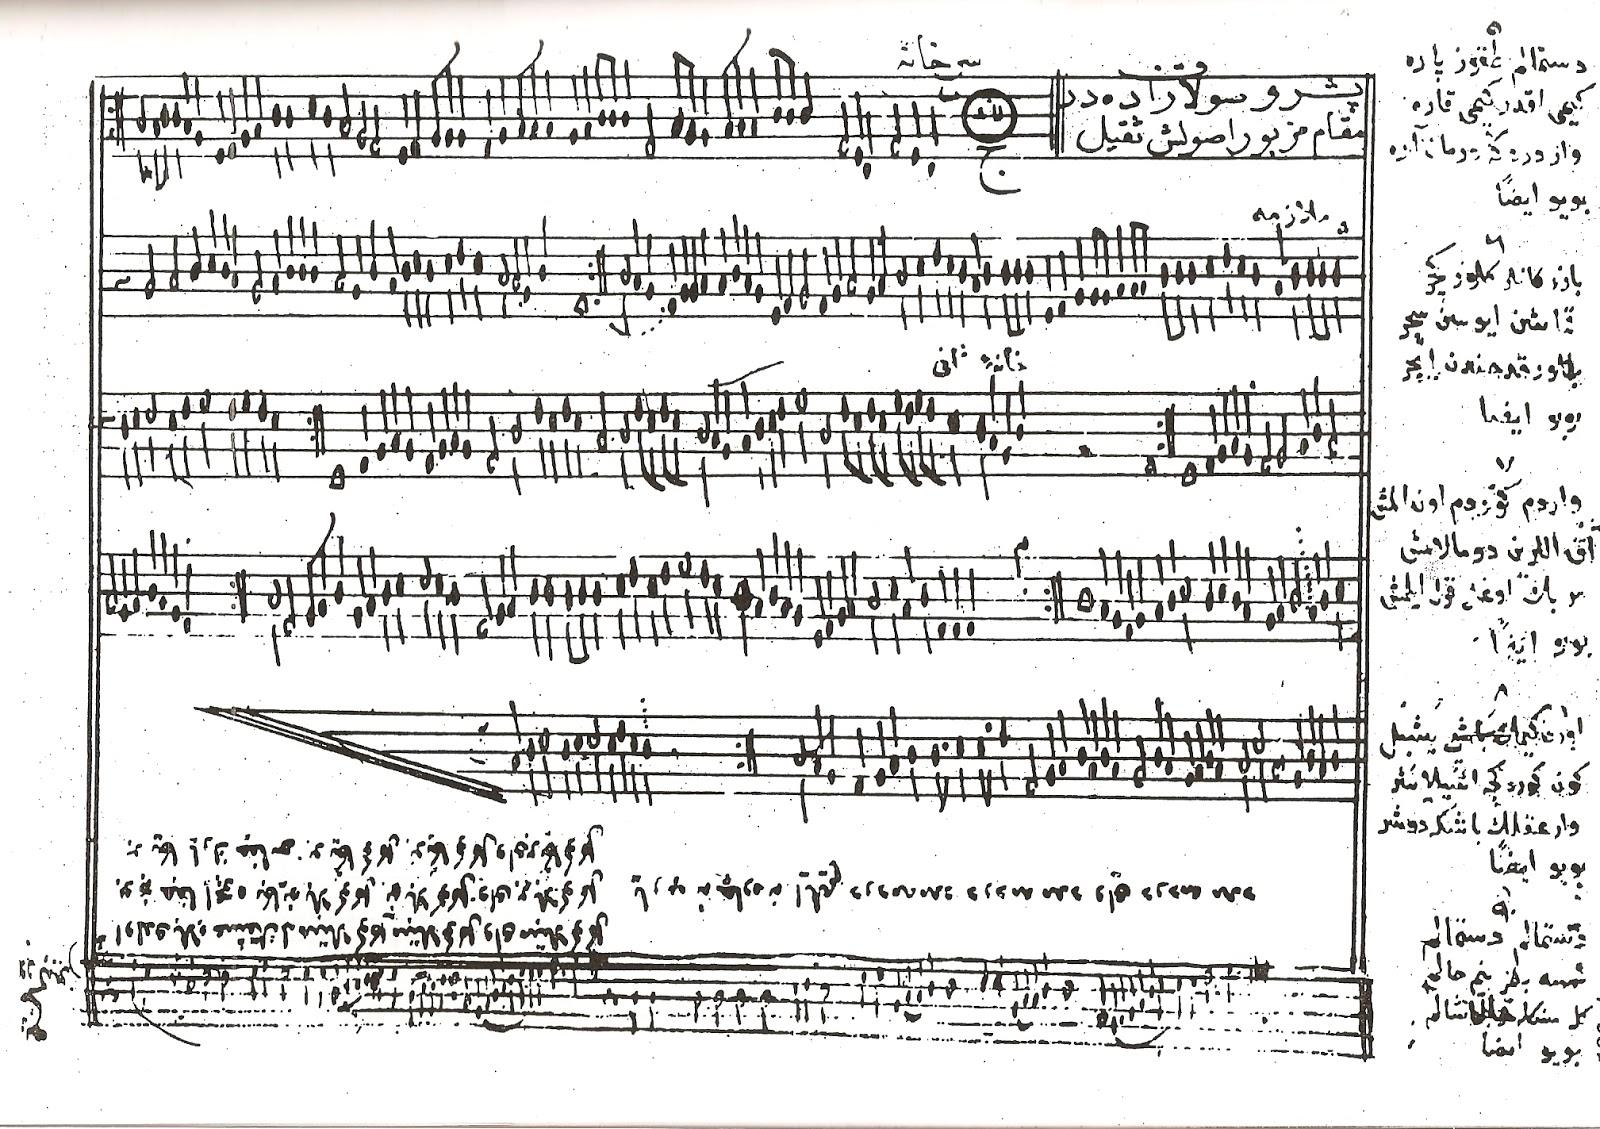 Müzik nedir nota nedir fa anahtarı do anahtarı sol anahtarı müzik işaretleri